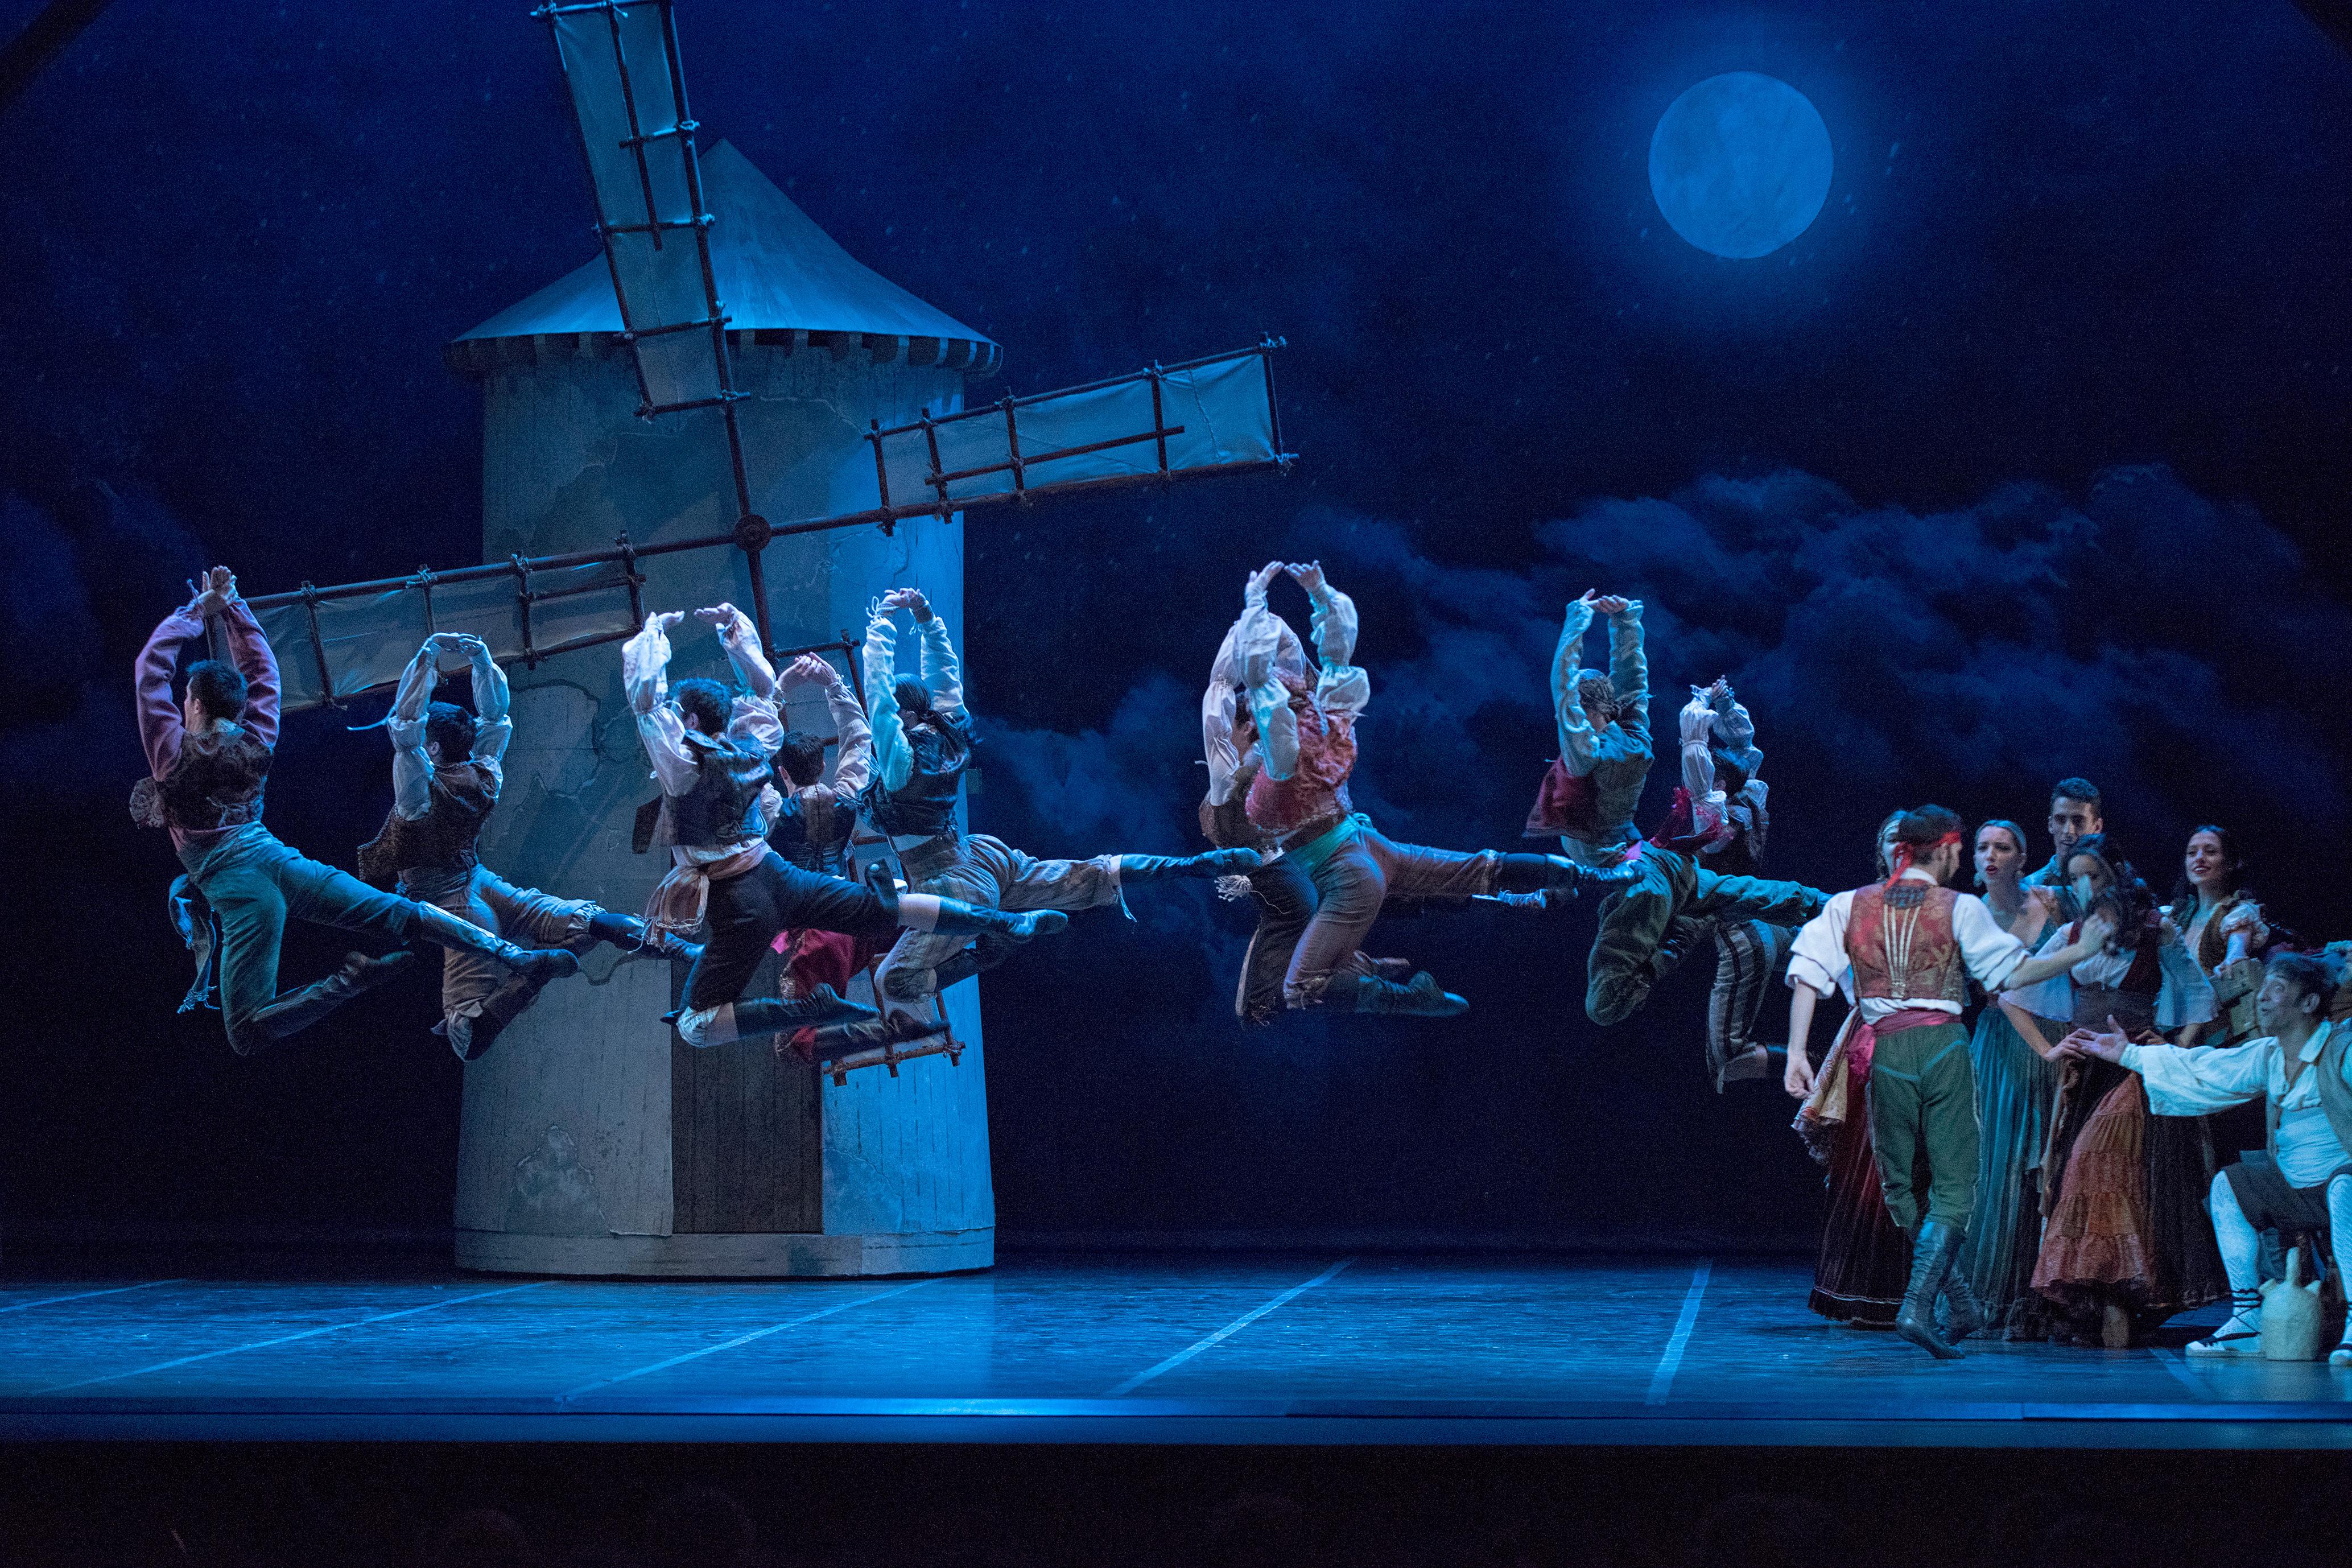 El ballet Don Quijote inaugura la temporada de Baluarte